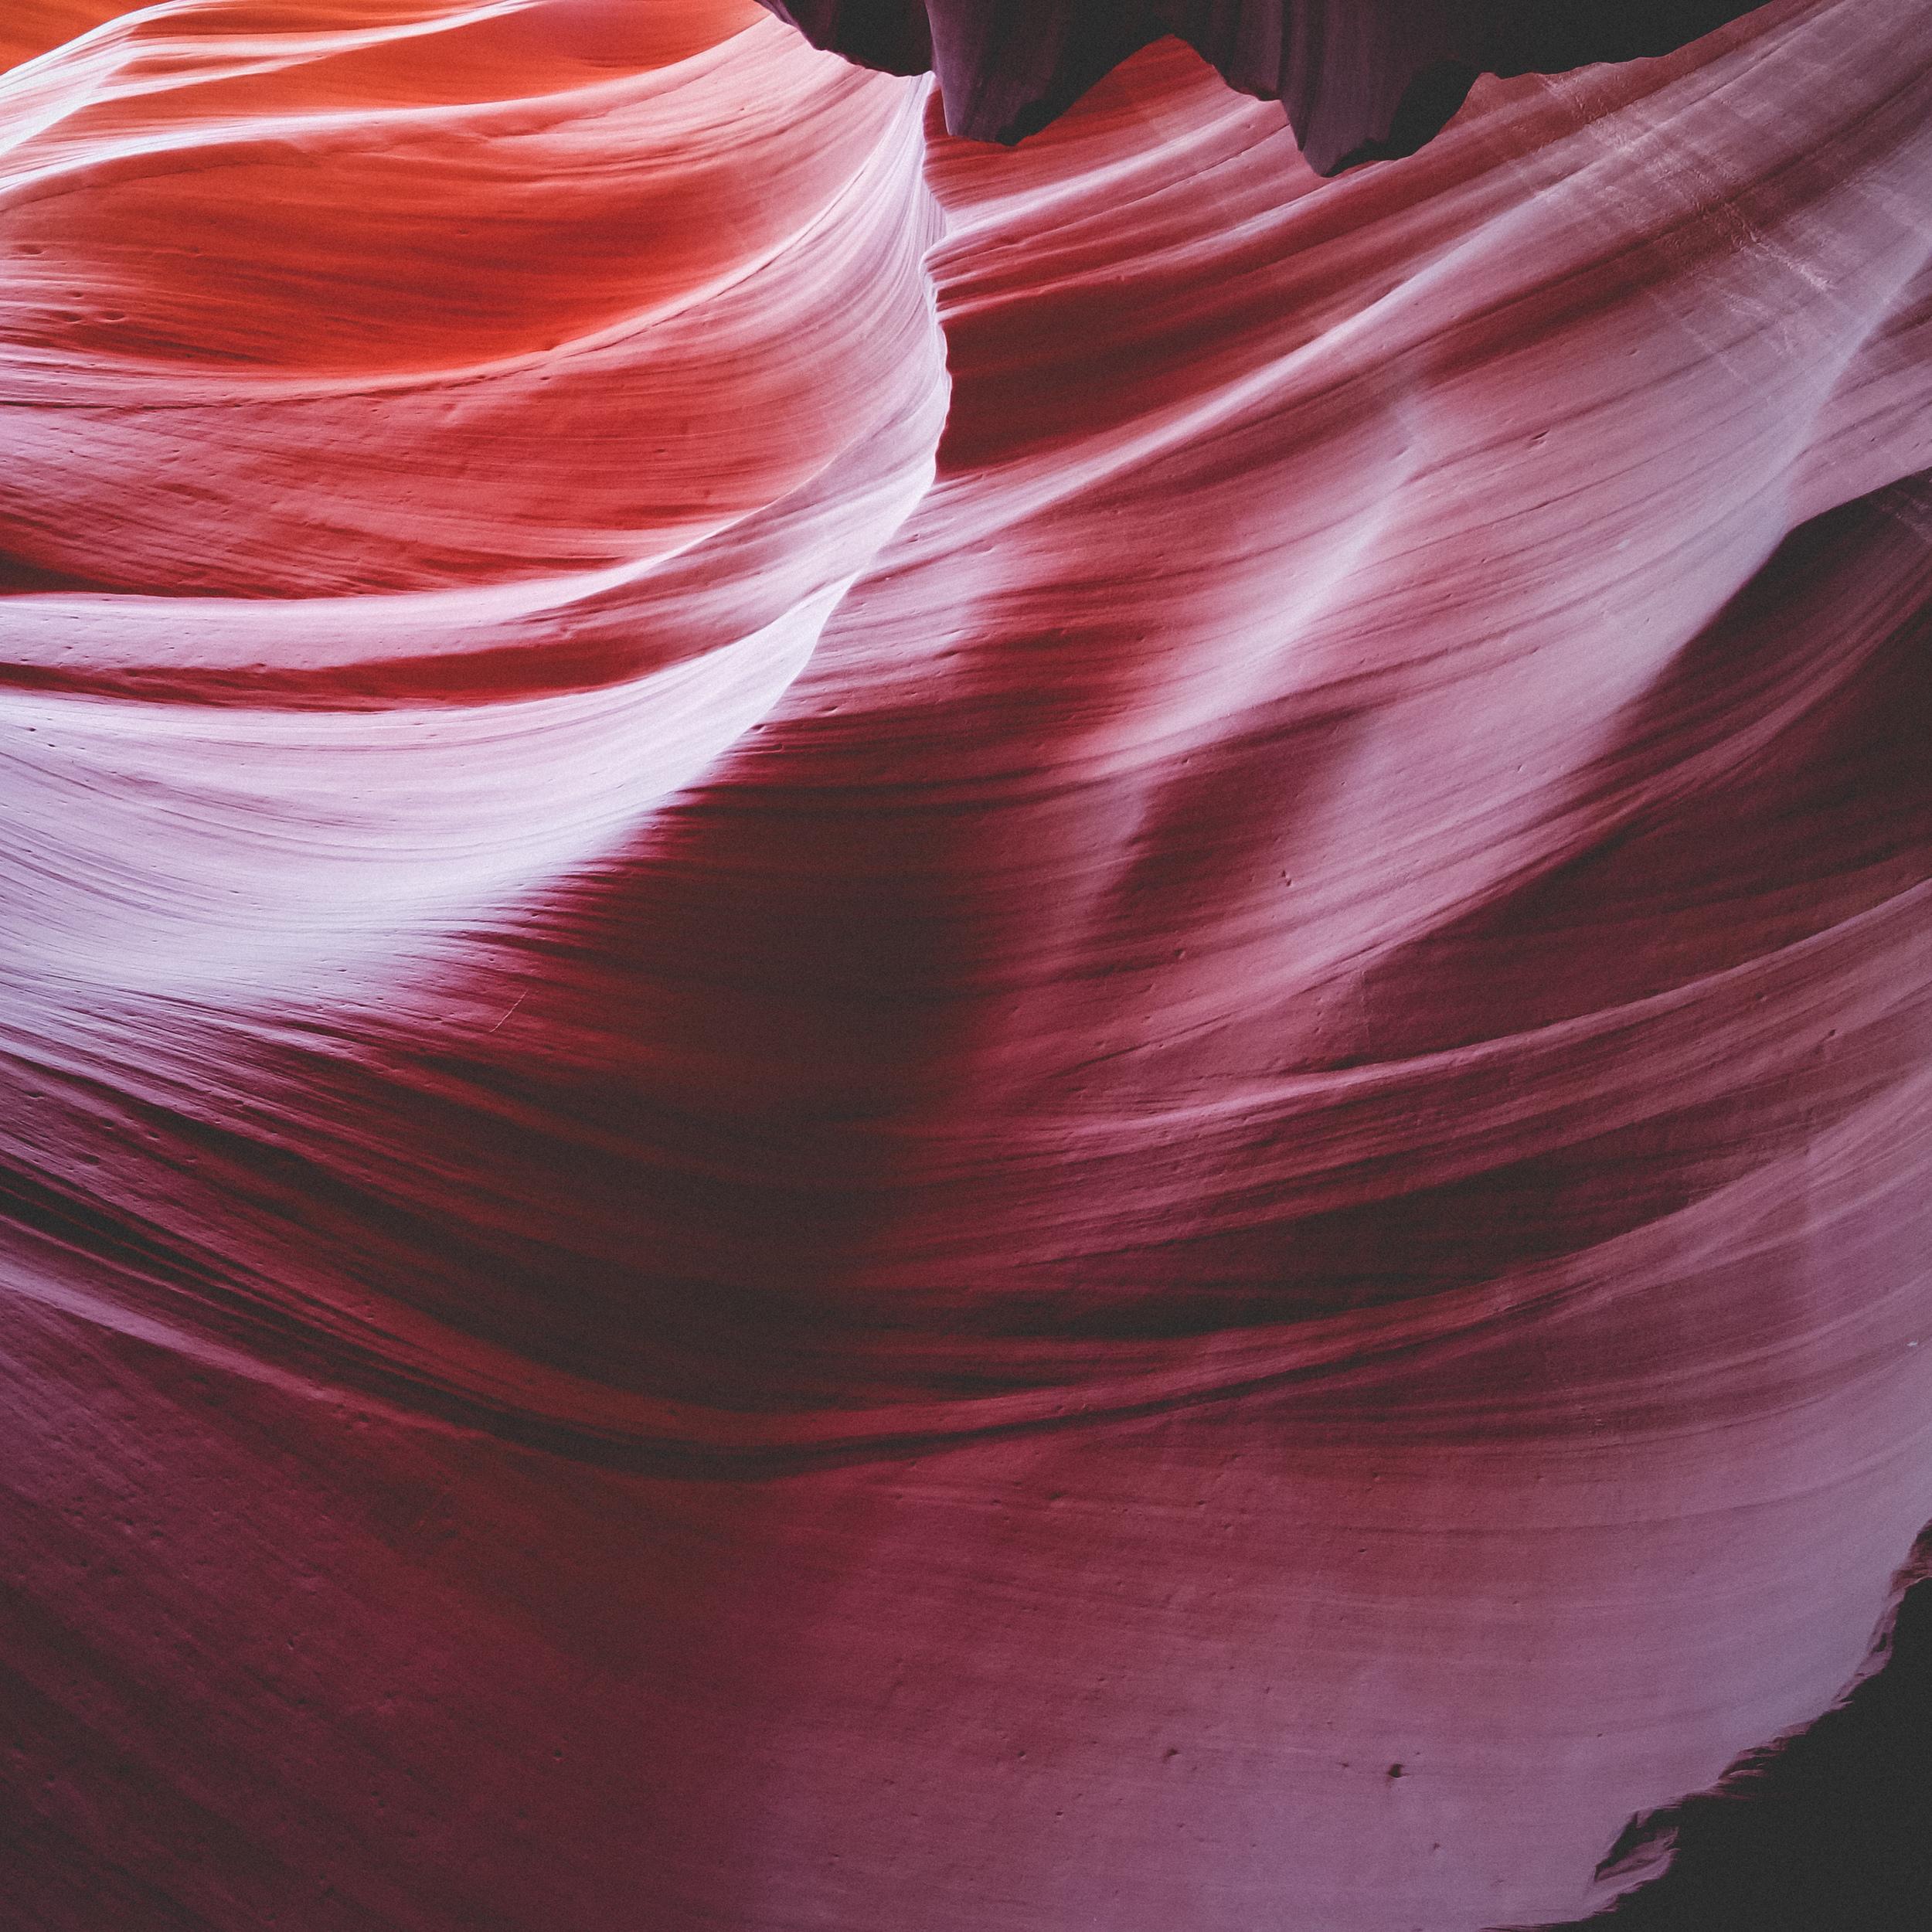 Lower-Antelope-Canyon-23.jpg